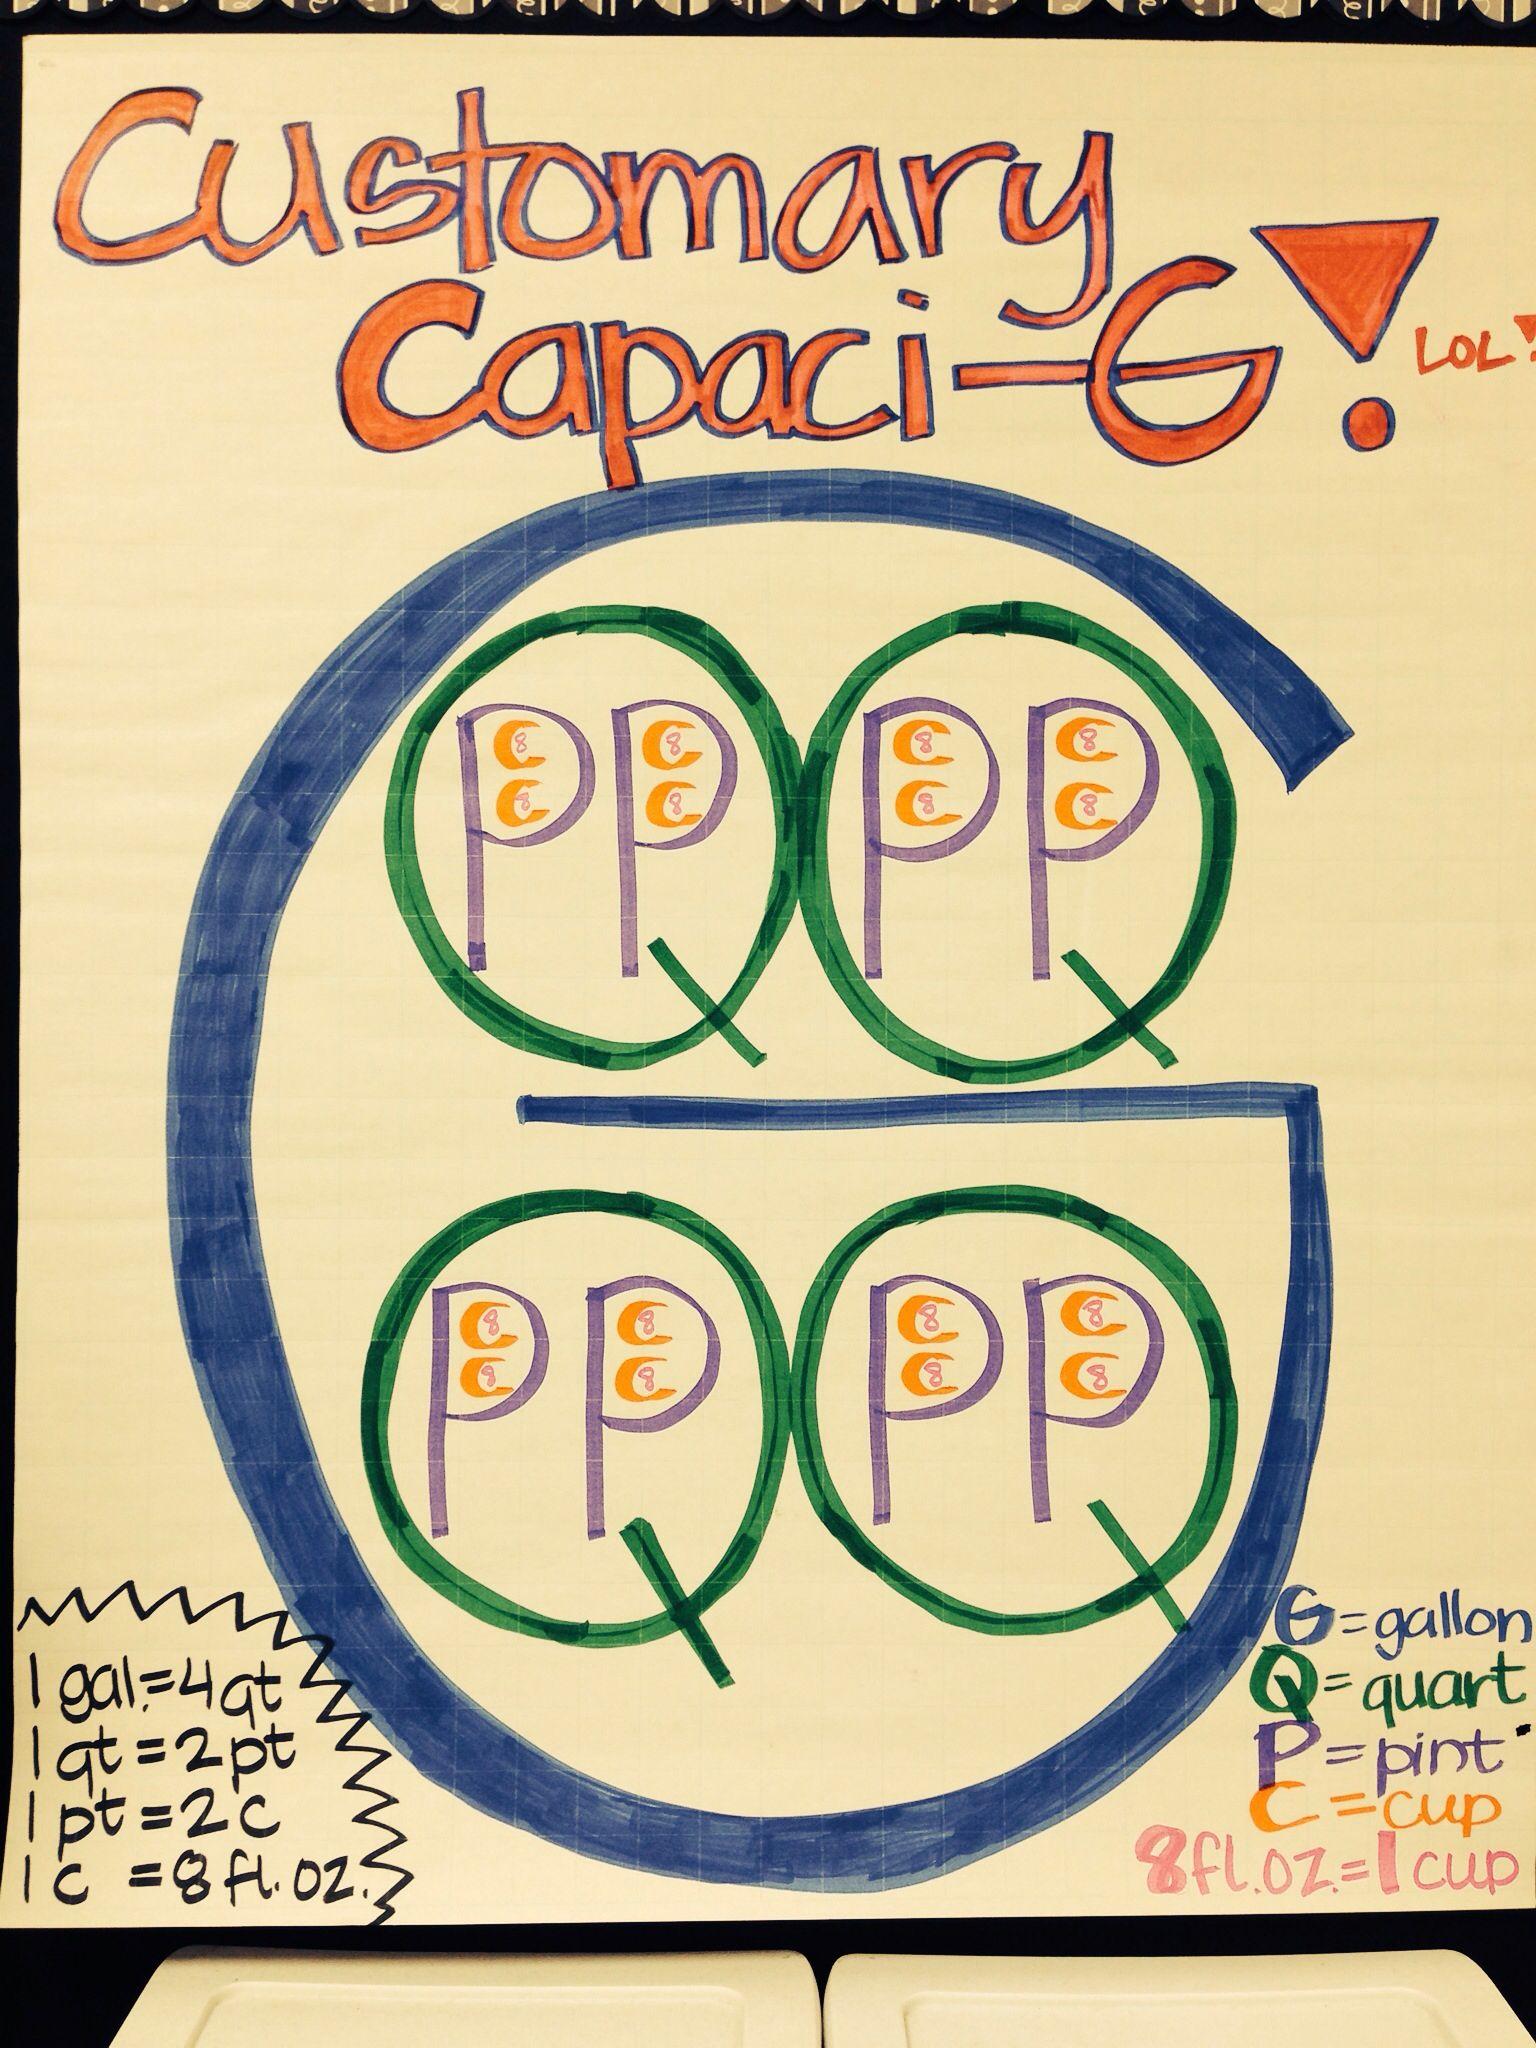 Customary Capacity Capaci G Anchor Chart